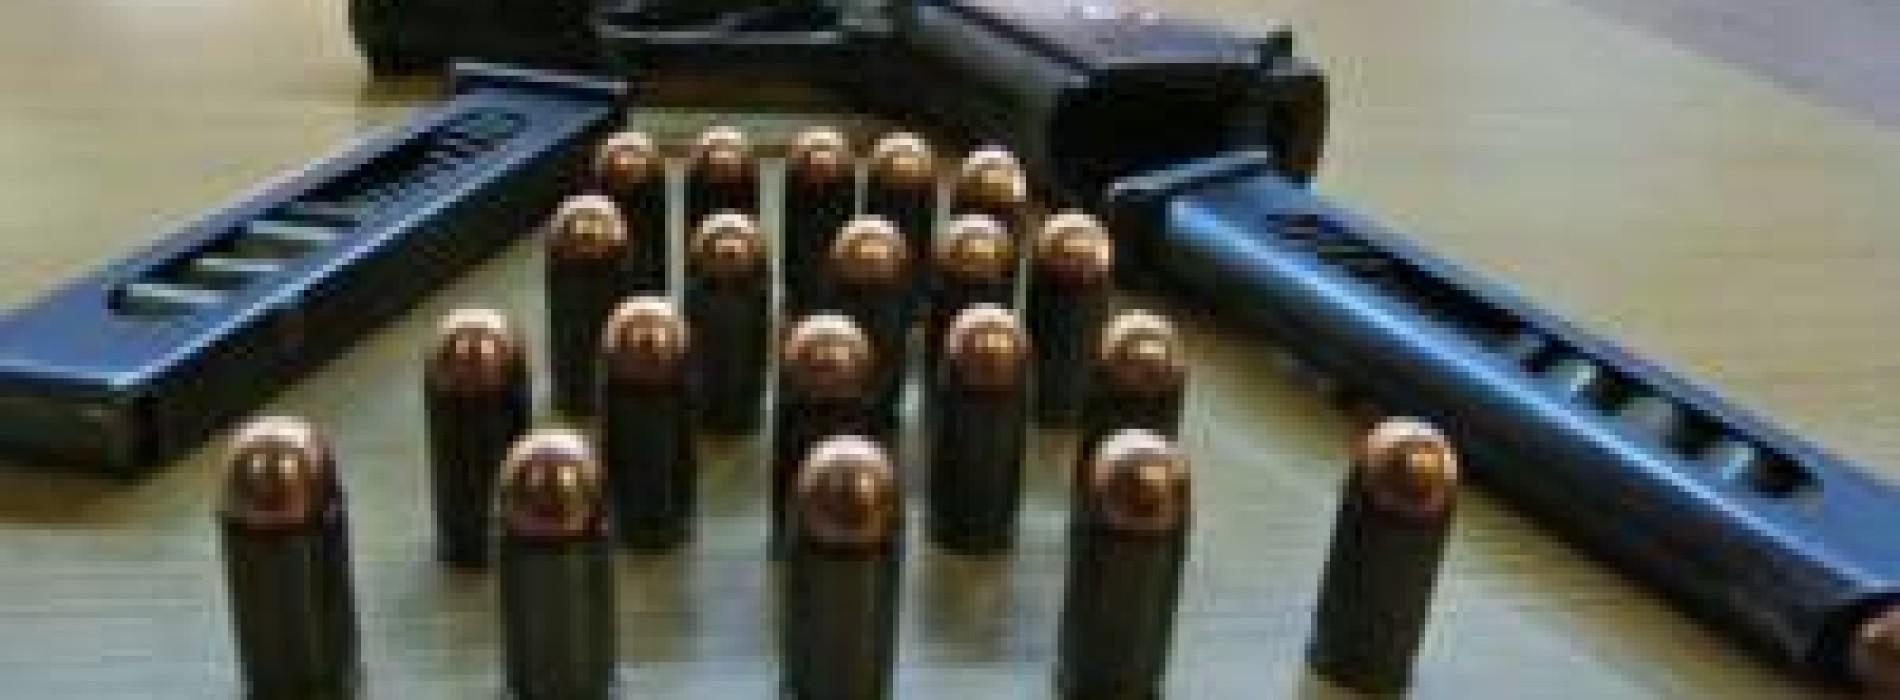 МВД комментирует кражу пистолетов из Академии погранслужбы